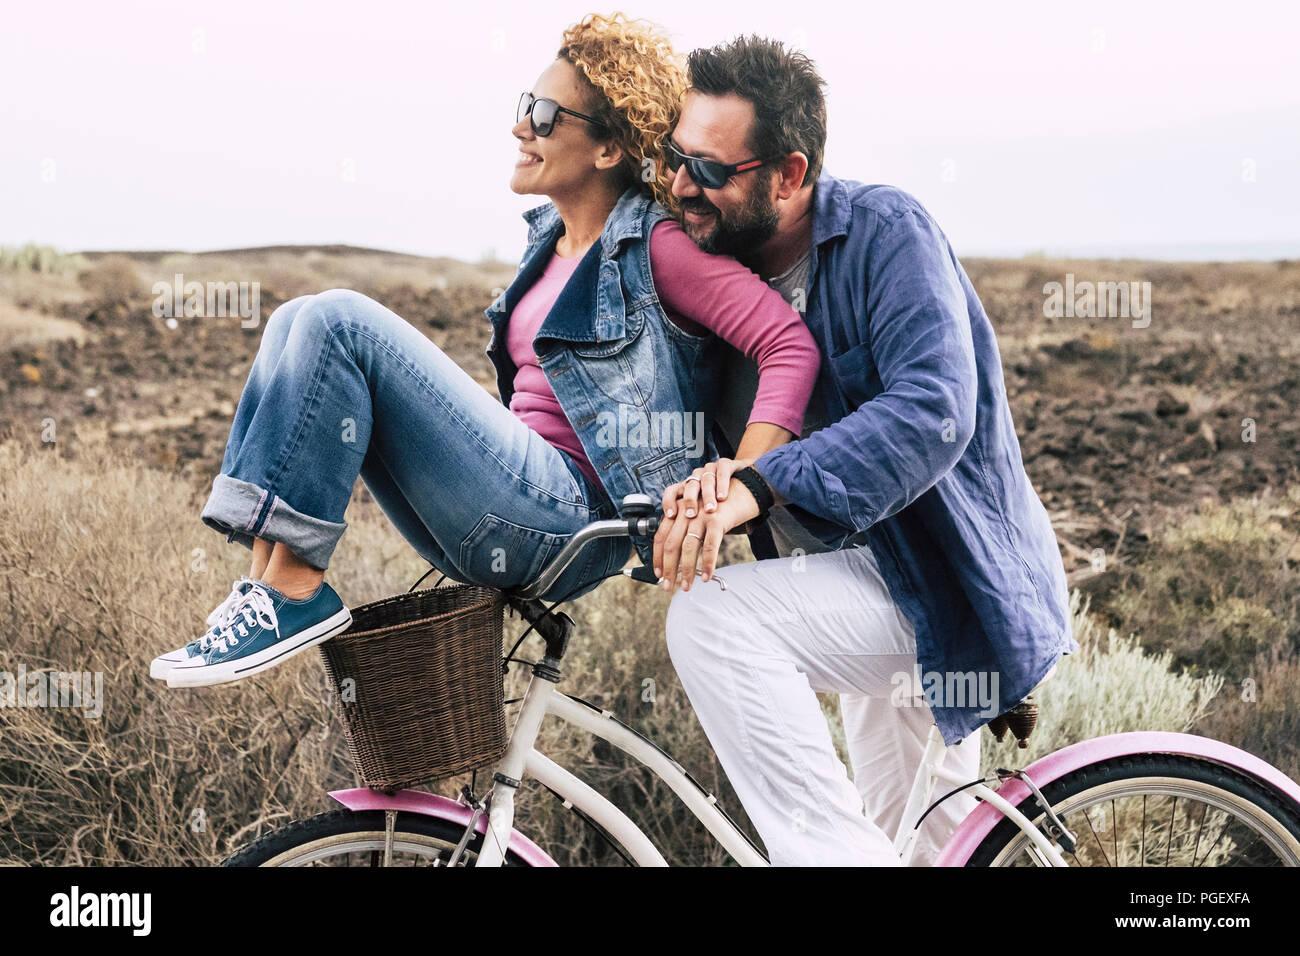 Glücklich nach Kaukasier, Paar, das Spaß mit Fahrrad in Outdoor Freizeitaktivitäten Aktivität. Konzept der aktiven verspielten Menschen mit Fahrrad während der Ferien - everyd Stockbild